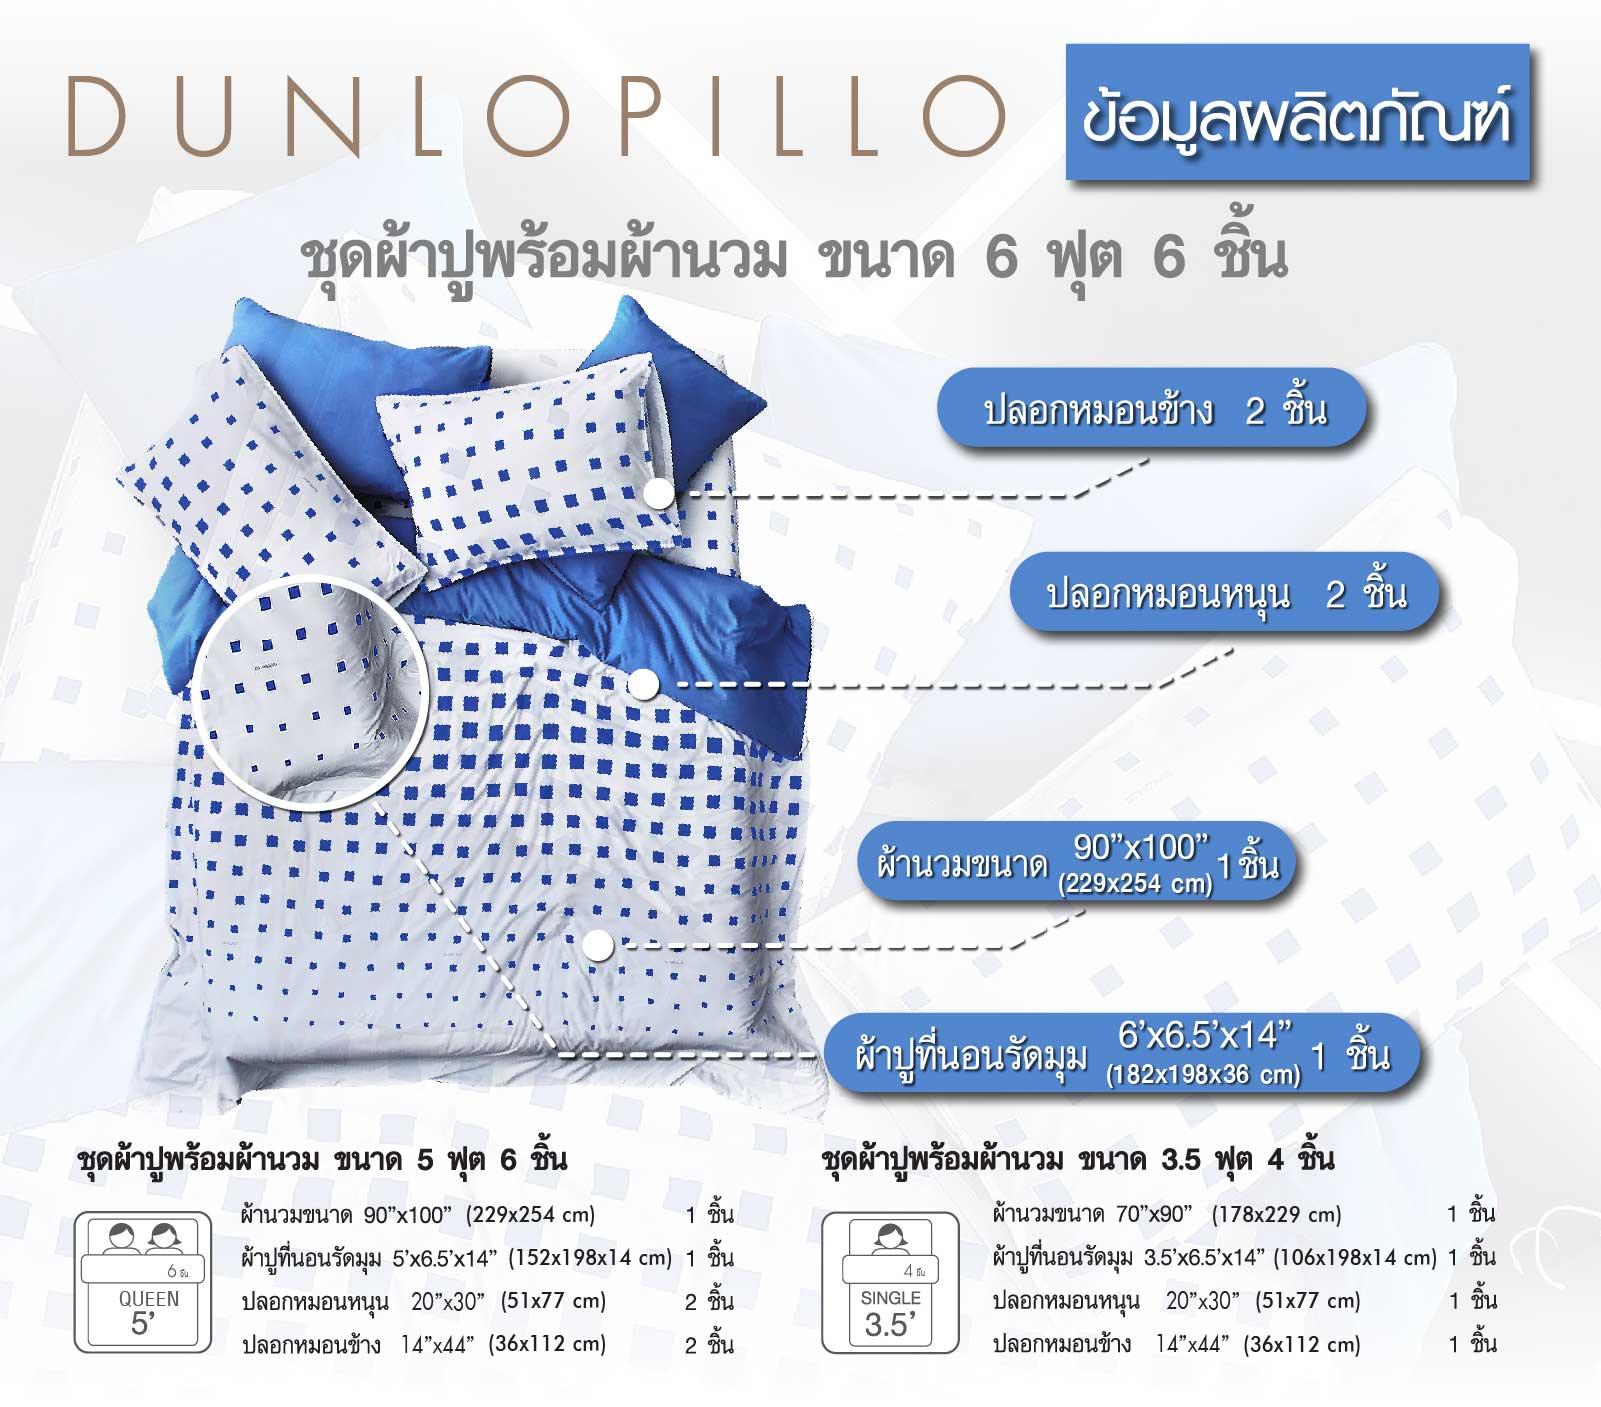 Dunlopillo รุ่น Stella ชุดผ้าปูที่นอน DL-OcEAN-S